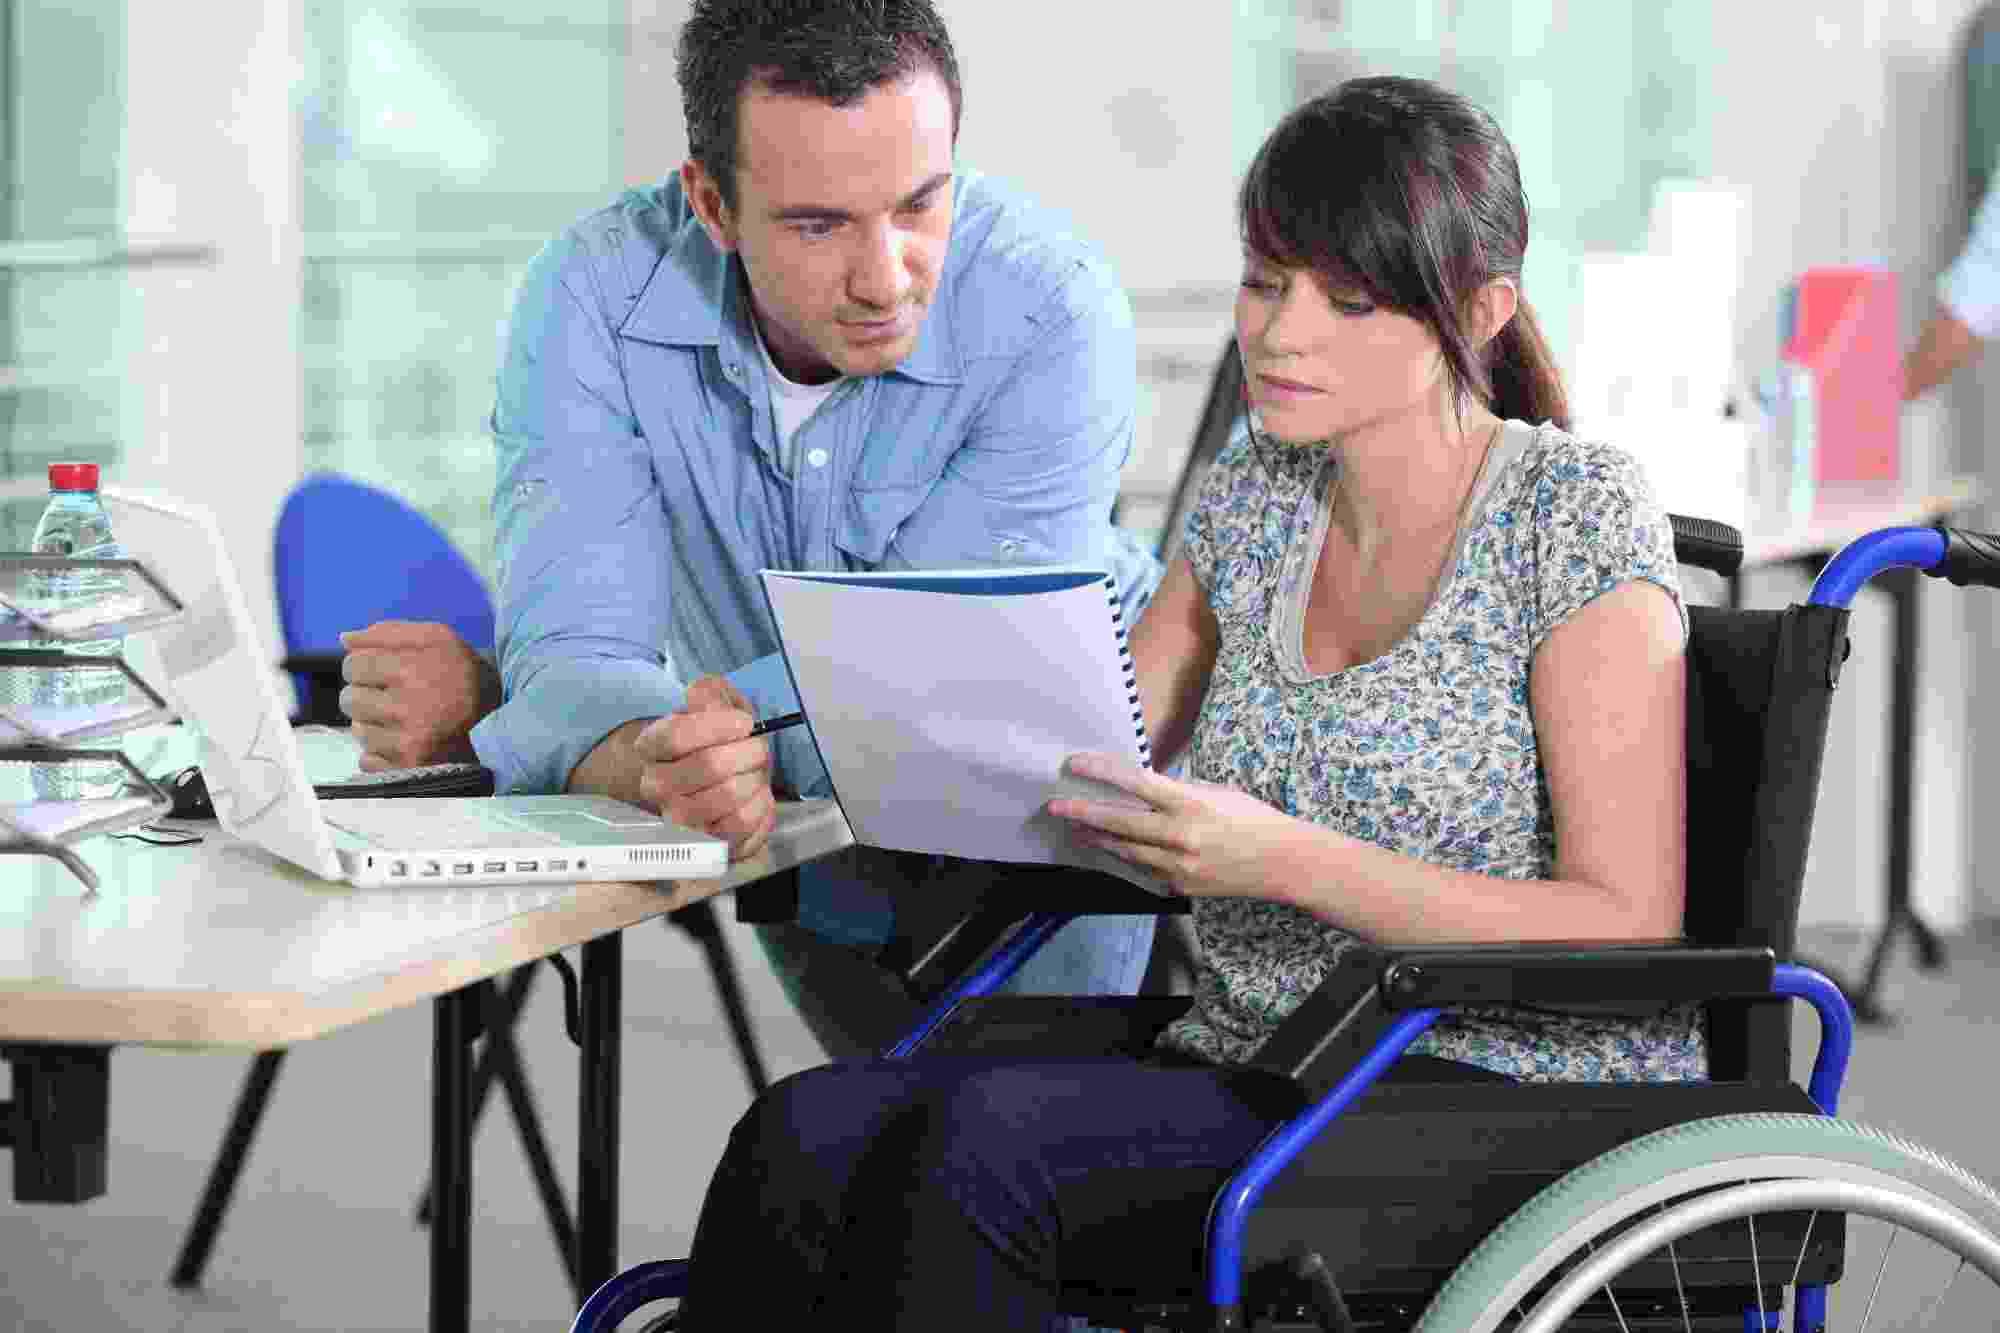 handicap van funding